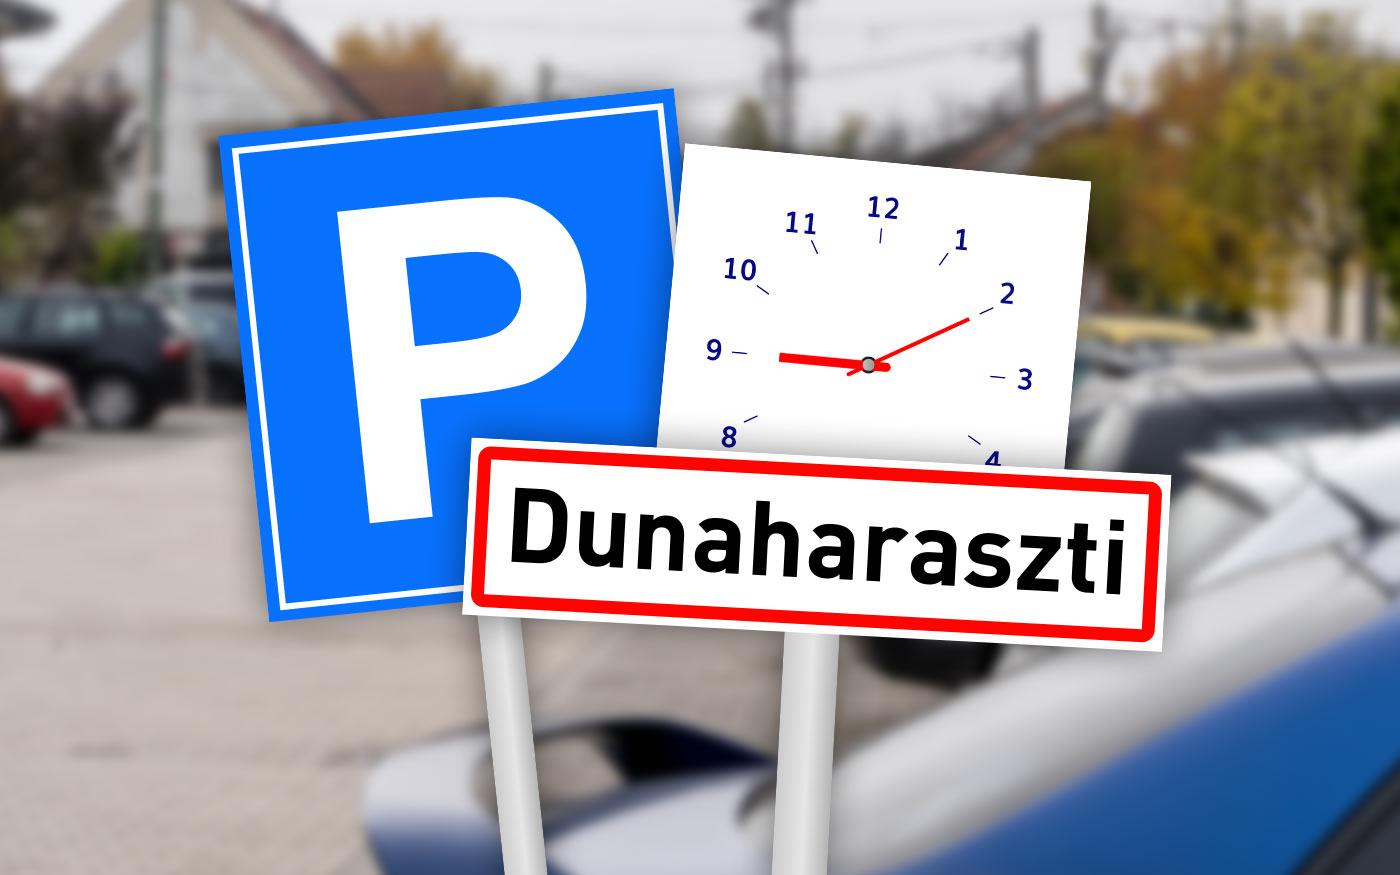 Pontosította az új parkolási rendről szóló információkat Dunaharaszti önkormányzata